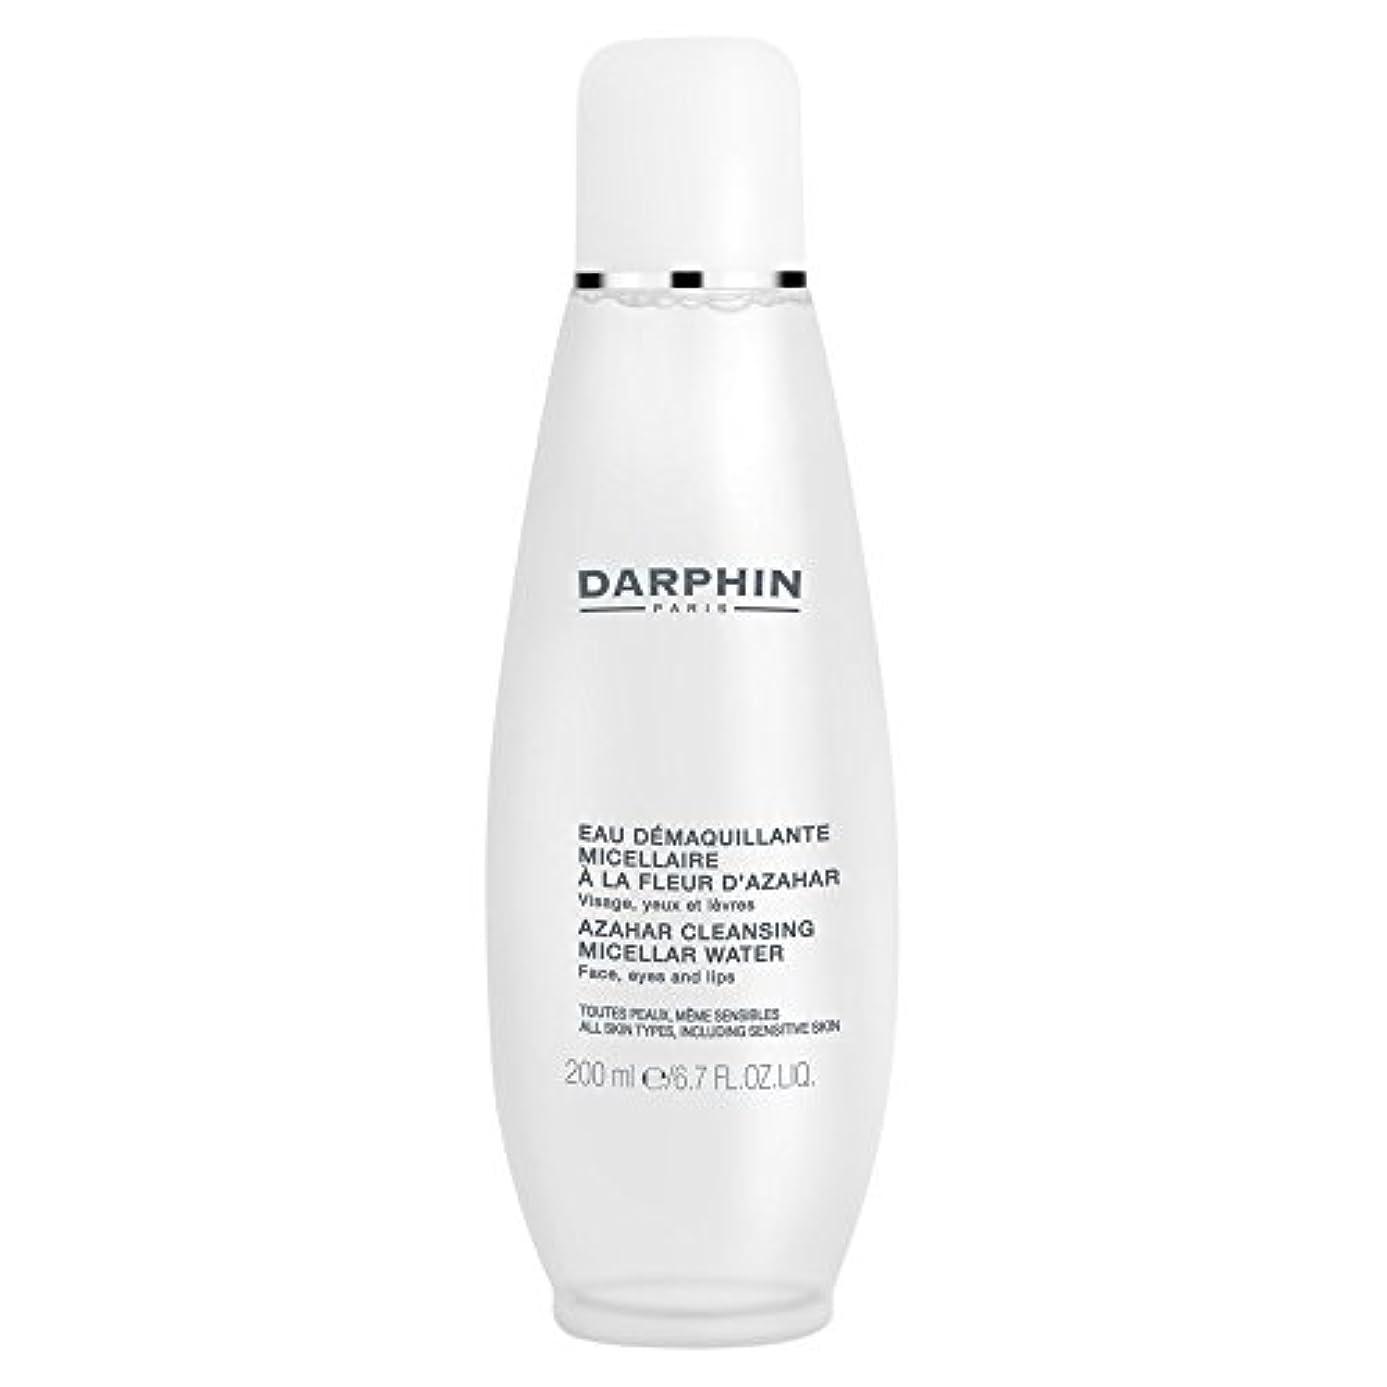 ミセル水クレンジングアサールダルファン、200ミリリットル (Darphin) - Darphin Azahar Cleansing Micellar Water, 200ml [並行輸入品]